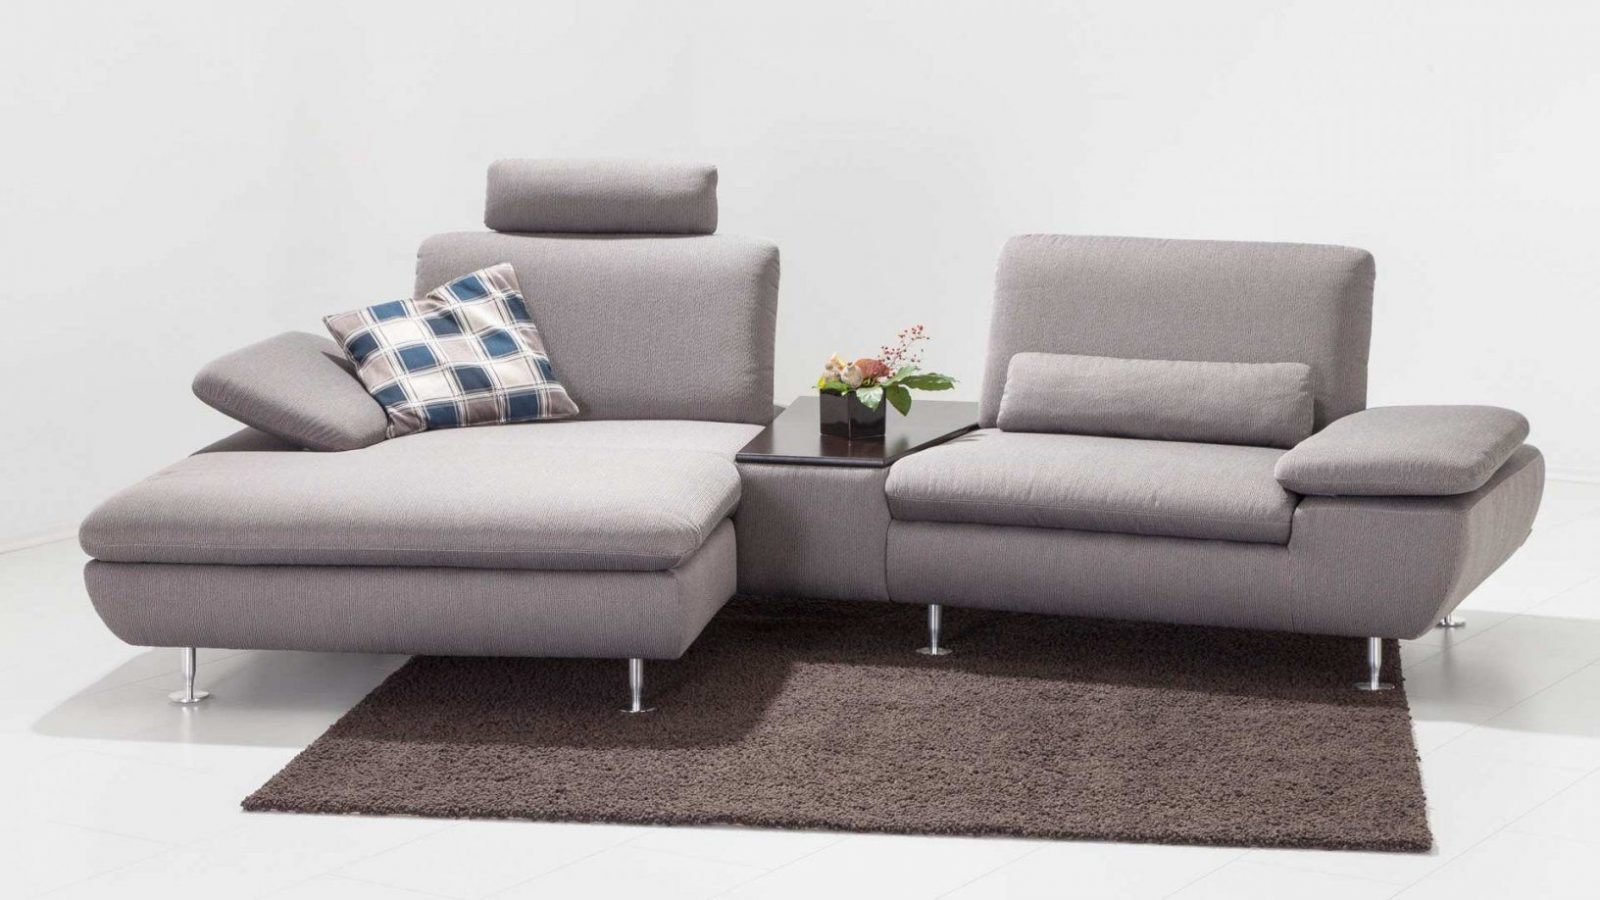 Schillig Sofa Preisliste  Conceptstructuresllc von W Schillig Black Label Photo